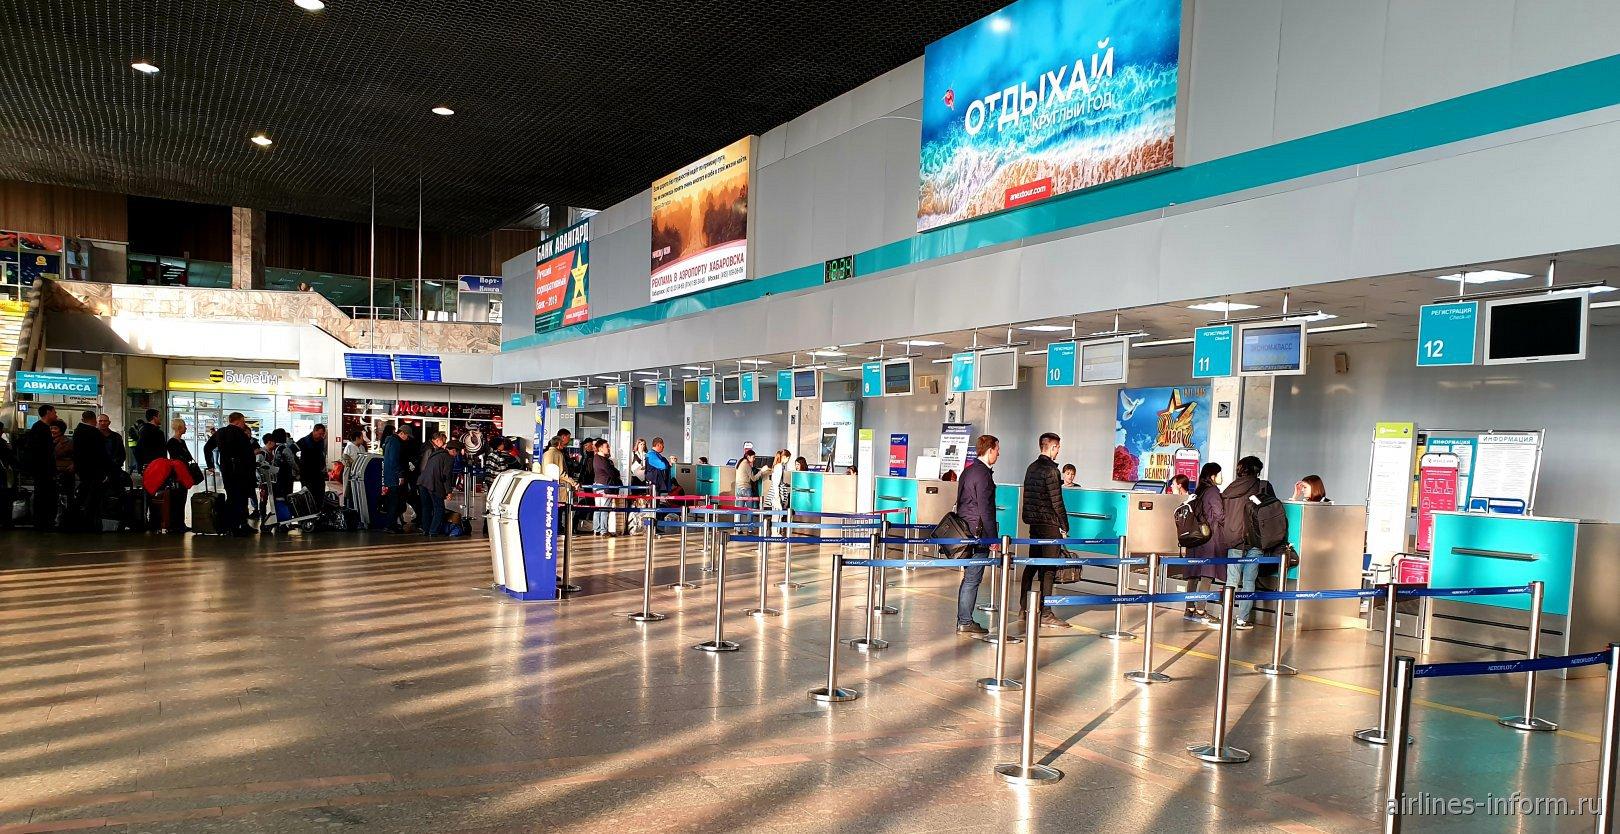 Зона регистрации в аэропорту Хабаровск Новый